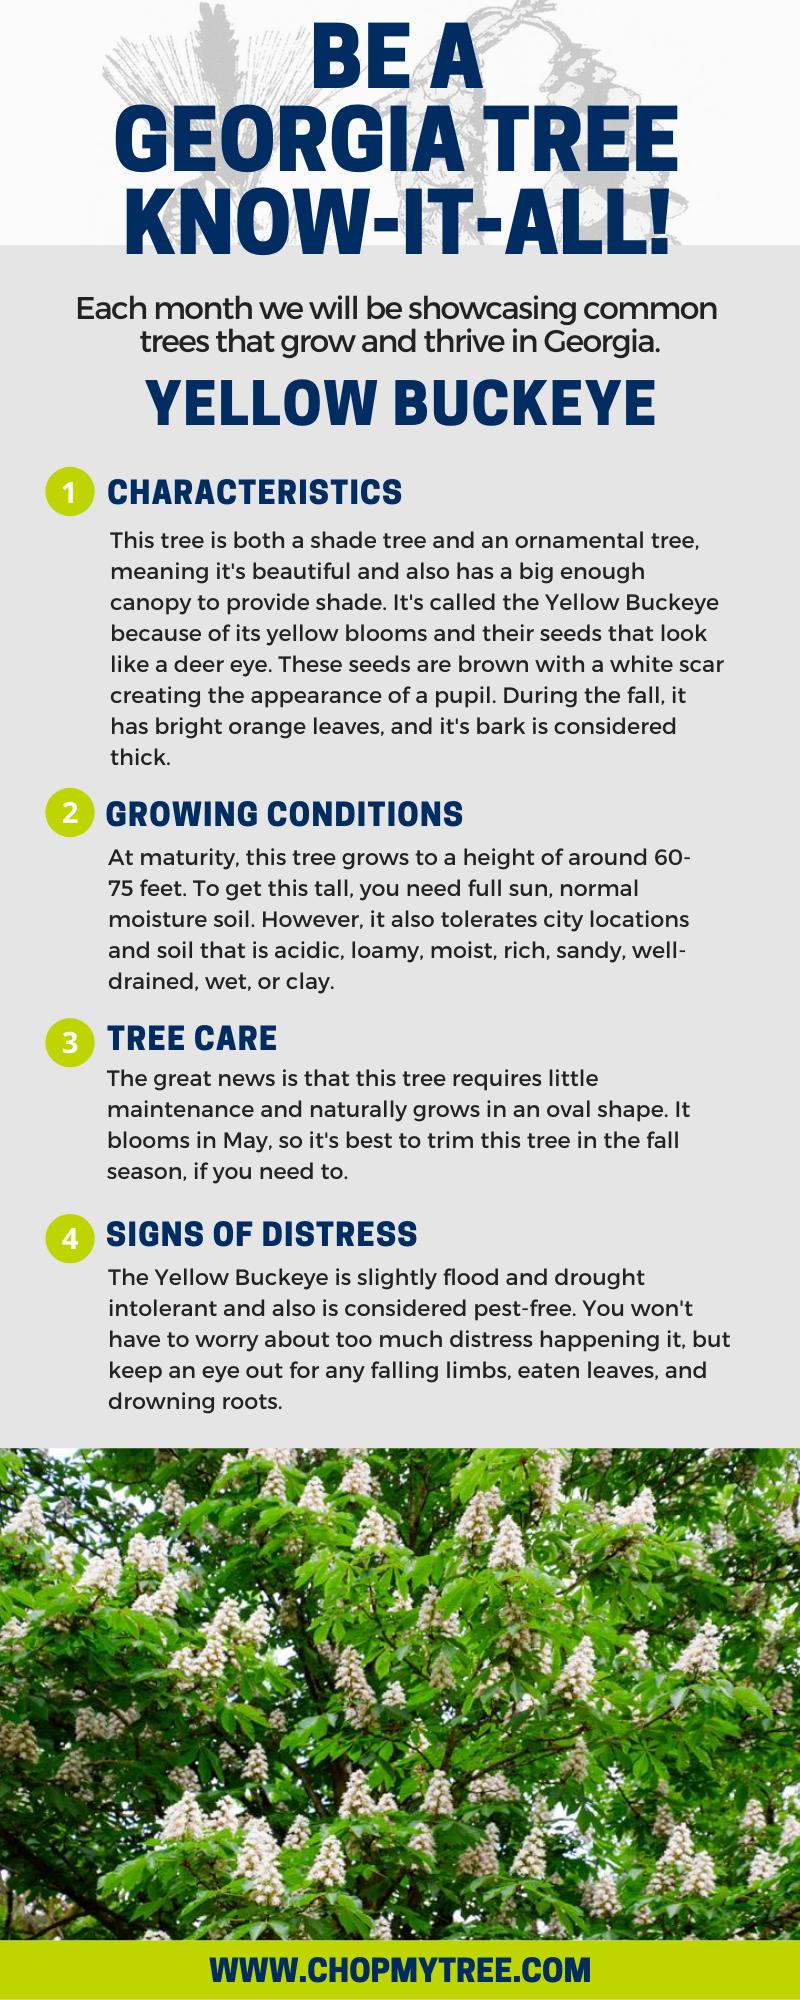 Infographic with Yellow Buckeye information.